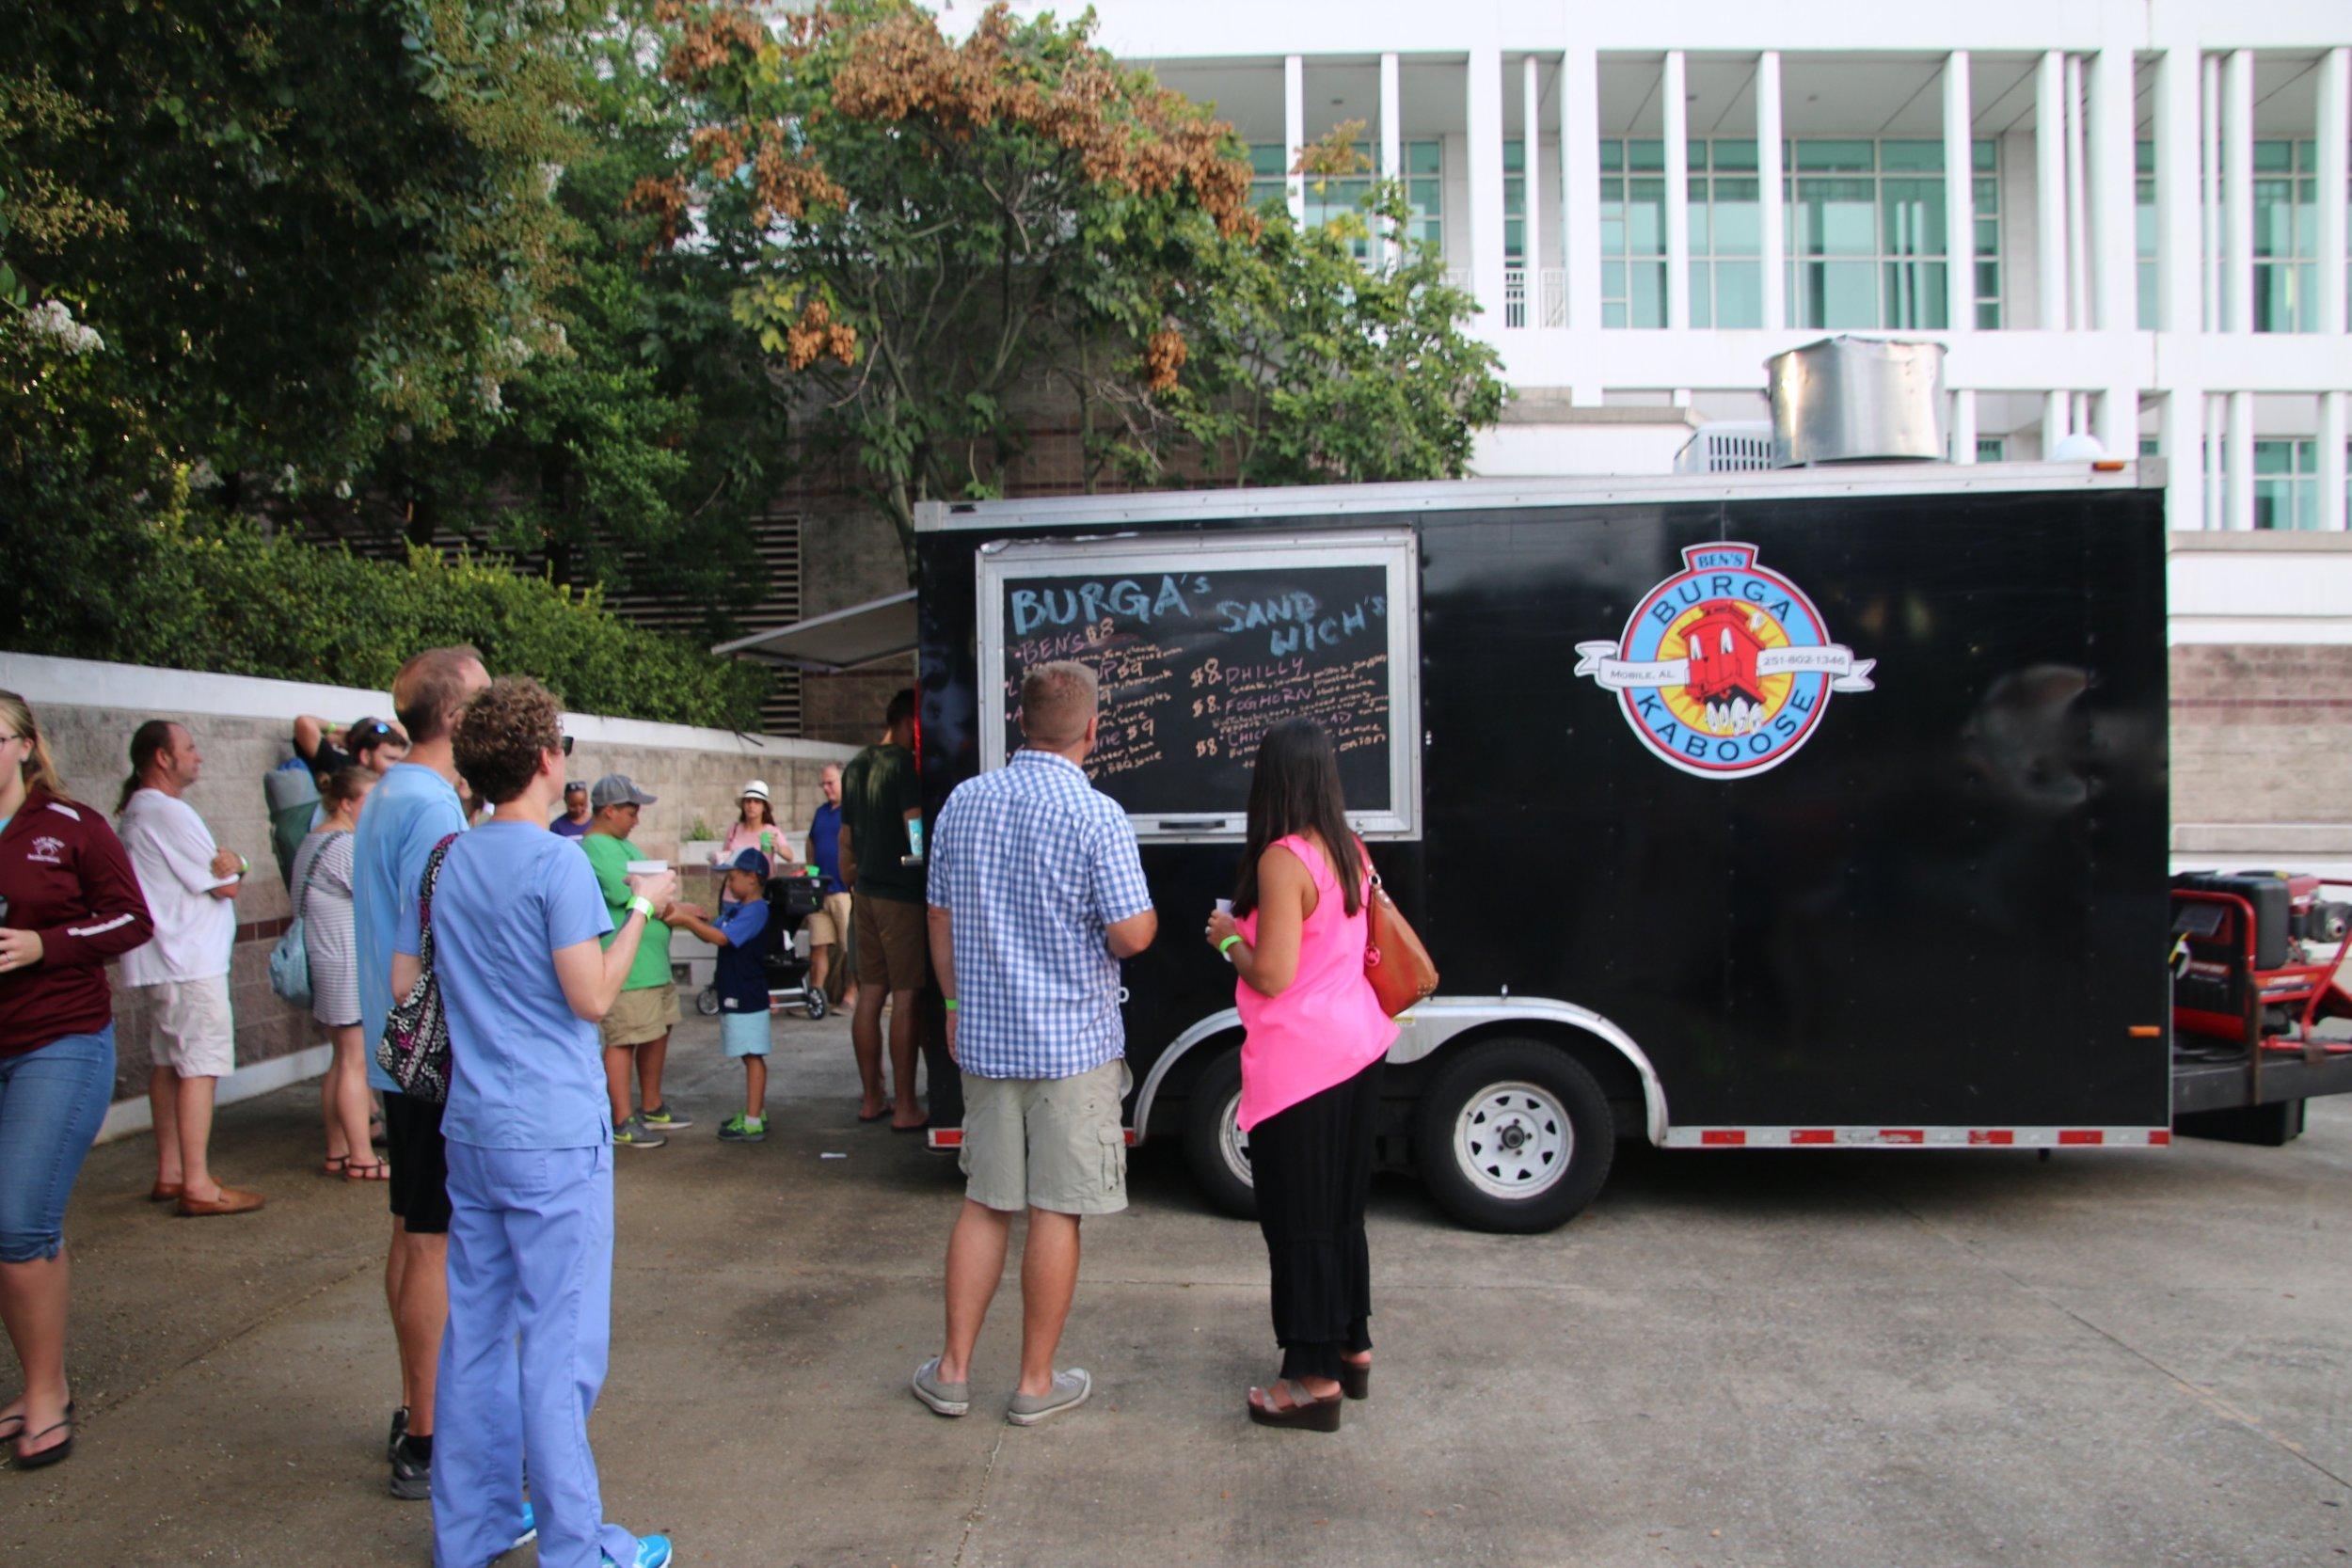 Food Truck Crowds 7.jpg